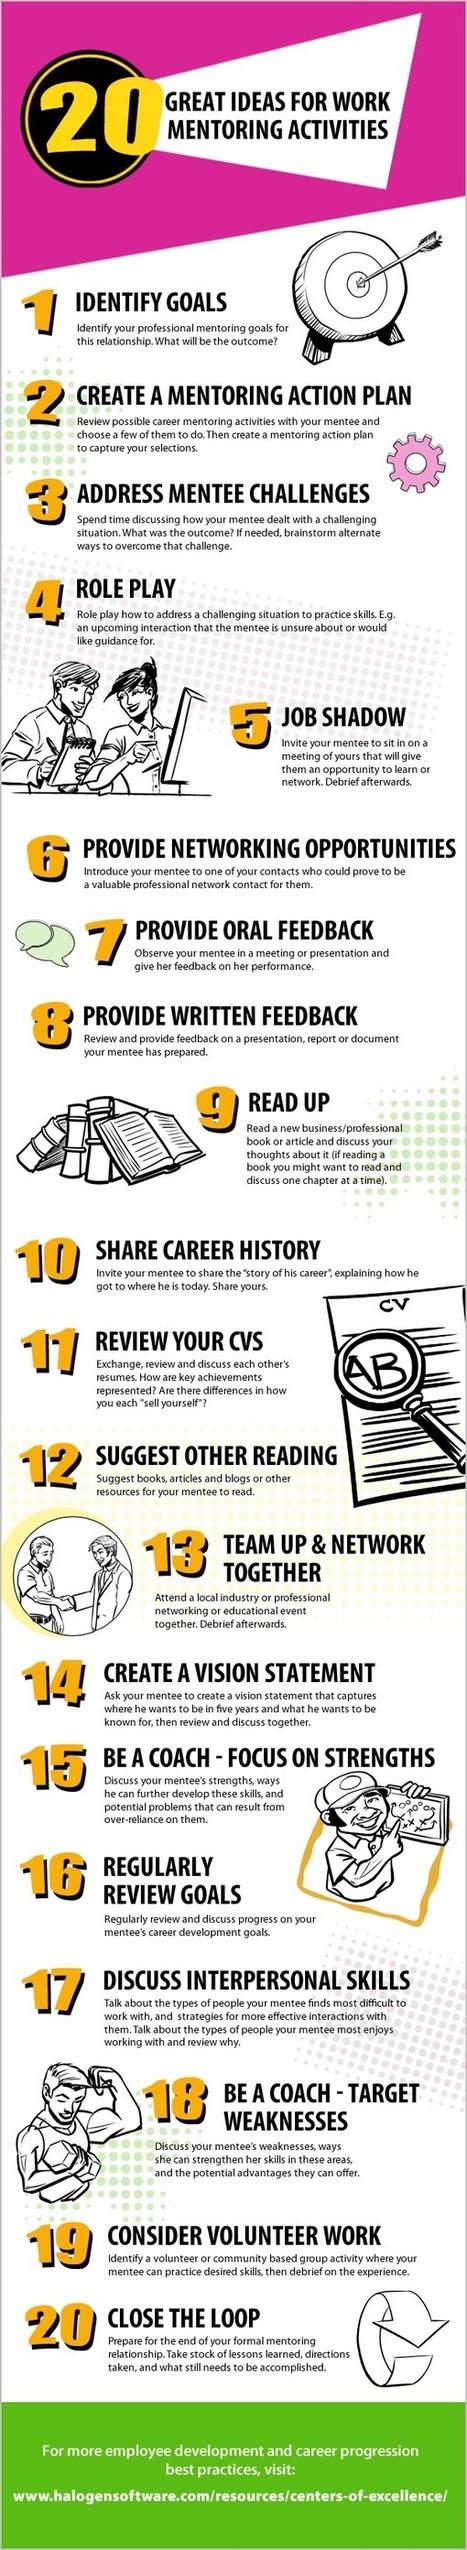 20_work_mentoring_activities_infographic1.png (600x3276 pixels) | CLIL-HE | Scoop.it